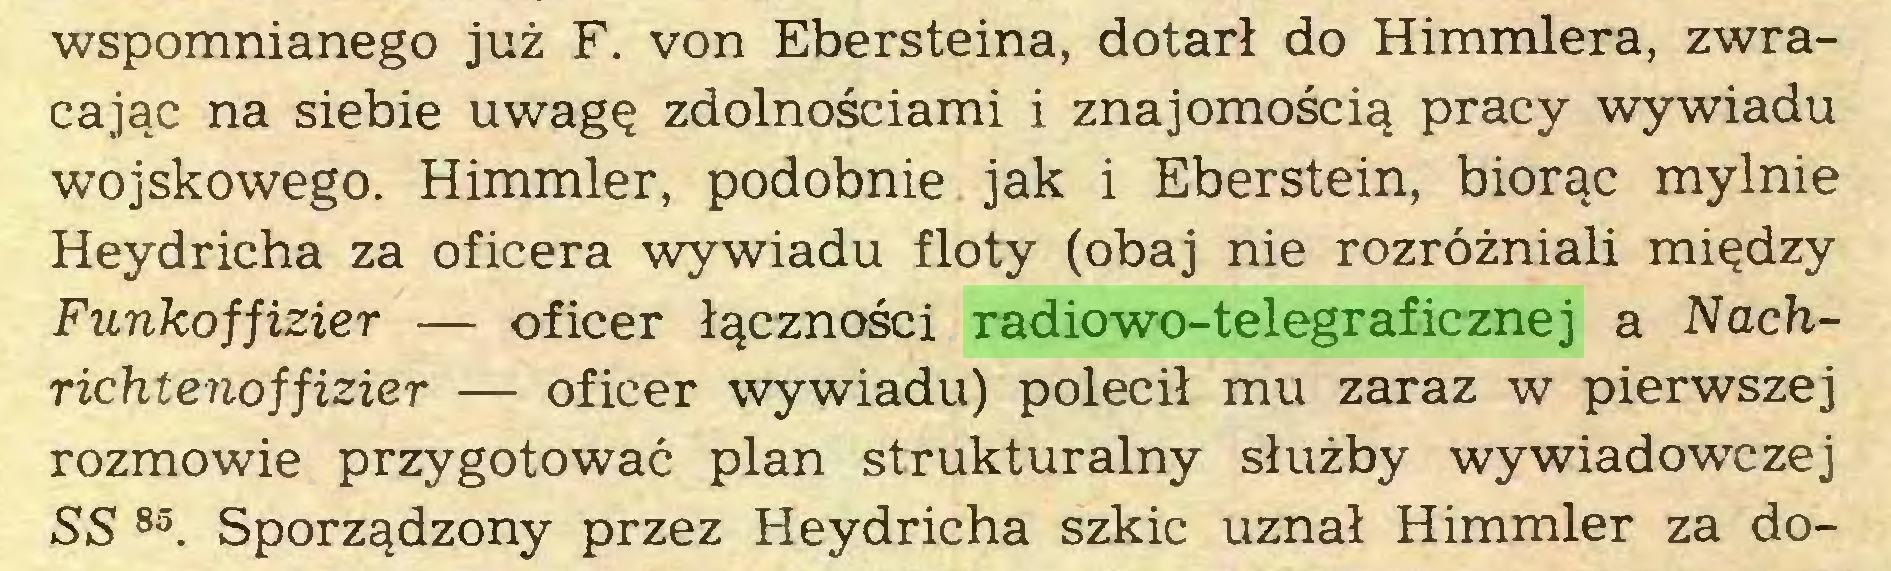 (...) wspomnianego już F. von Ebersteina, dotarł do Himmlera, zwracając na siebie uwagę zdolnościami i znajomością pracy wywiadu wojskowego. Himmler, podobnie jak i Eberstein, biorąc mylnie Heydricha za oficera wywiadu floty (obaj nie rozróżniali między Funkoffizier — oficer łączności radiowo-telegraficznej a Nachrichtenoffizier — oficer wywiadu) polecił mu zaraz w pierwszej rozmowie przygotować plan strukturalny służby wywiadowczej SS 85. Sporządzony przez Heydricha szkic uznał Himmler za do...